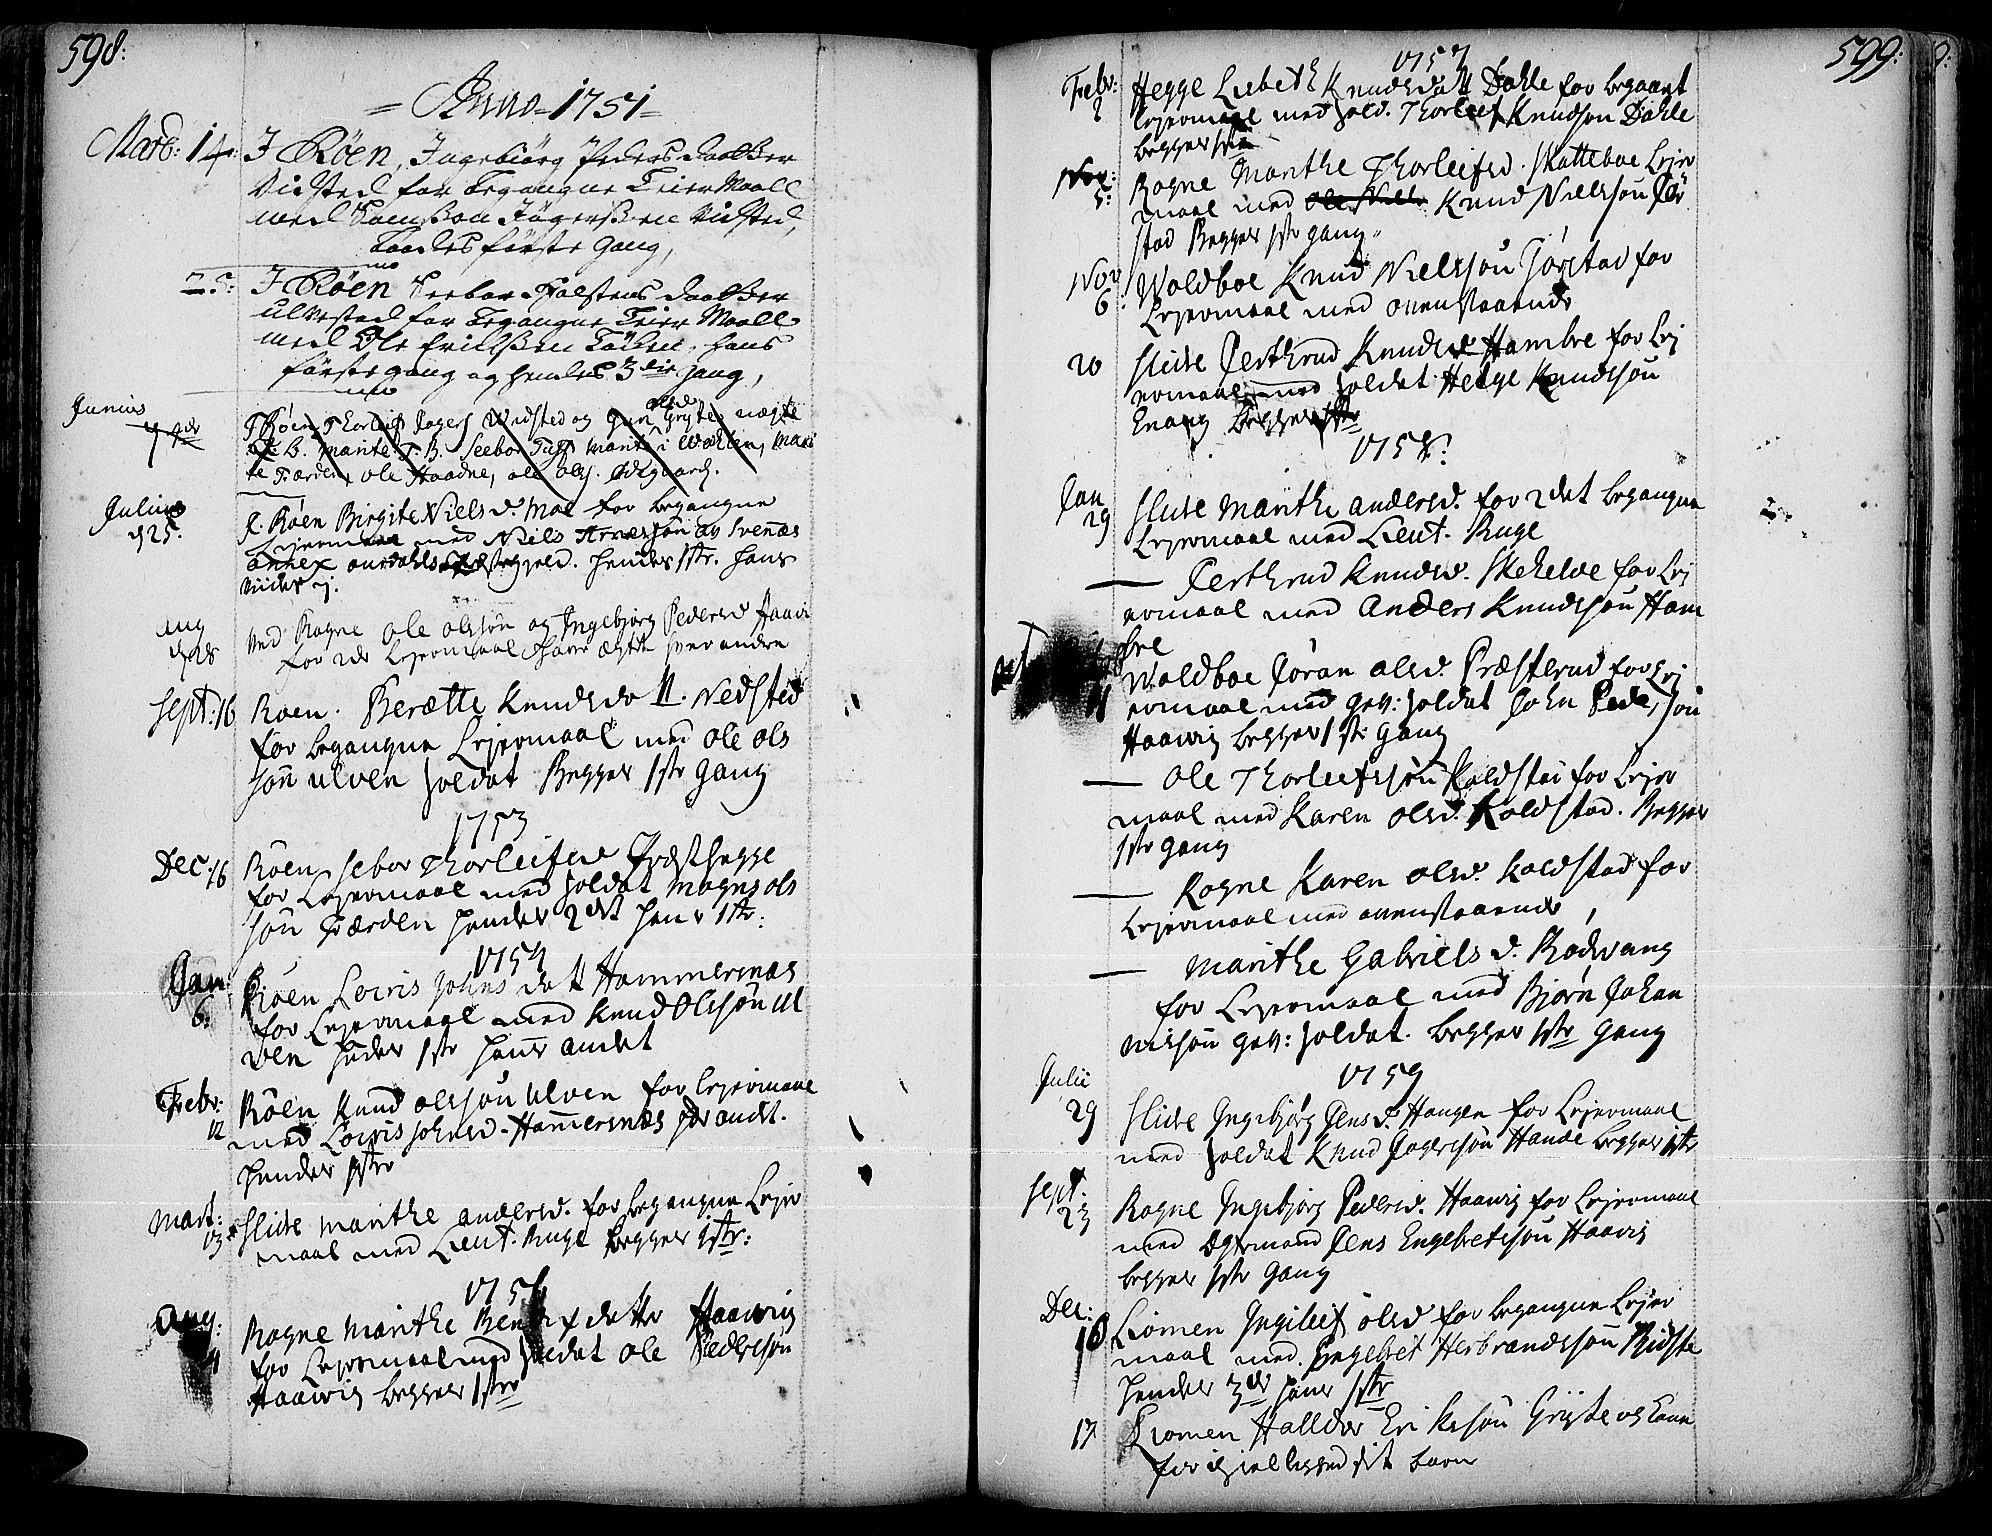 SAH, Slidre prestekontor, Ministerialbok nr. 1, 1724-1814, s. 598-599